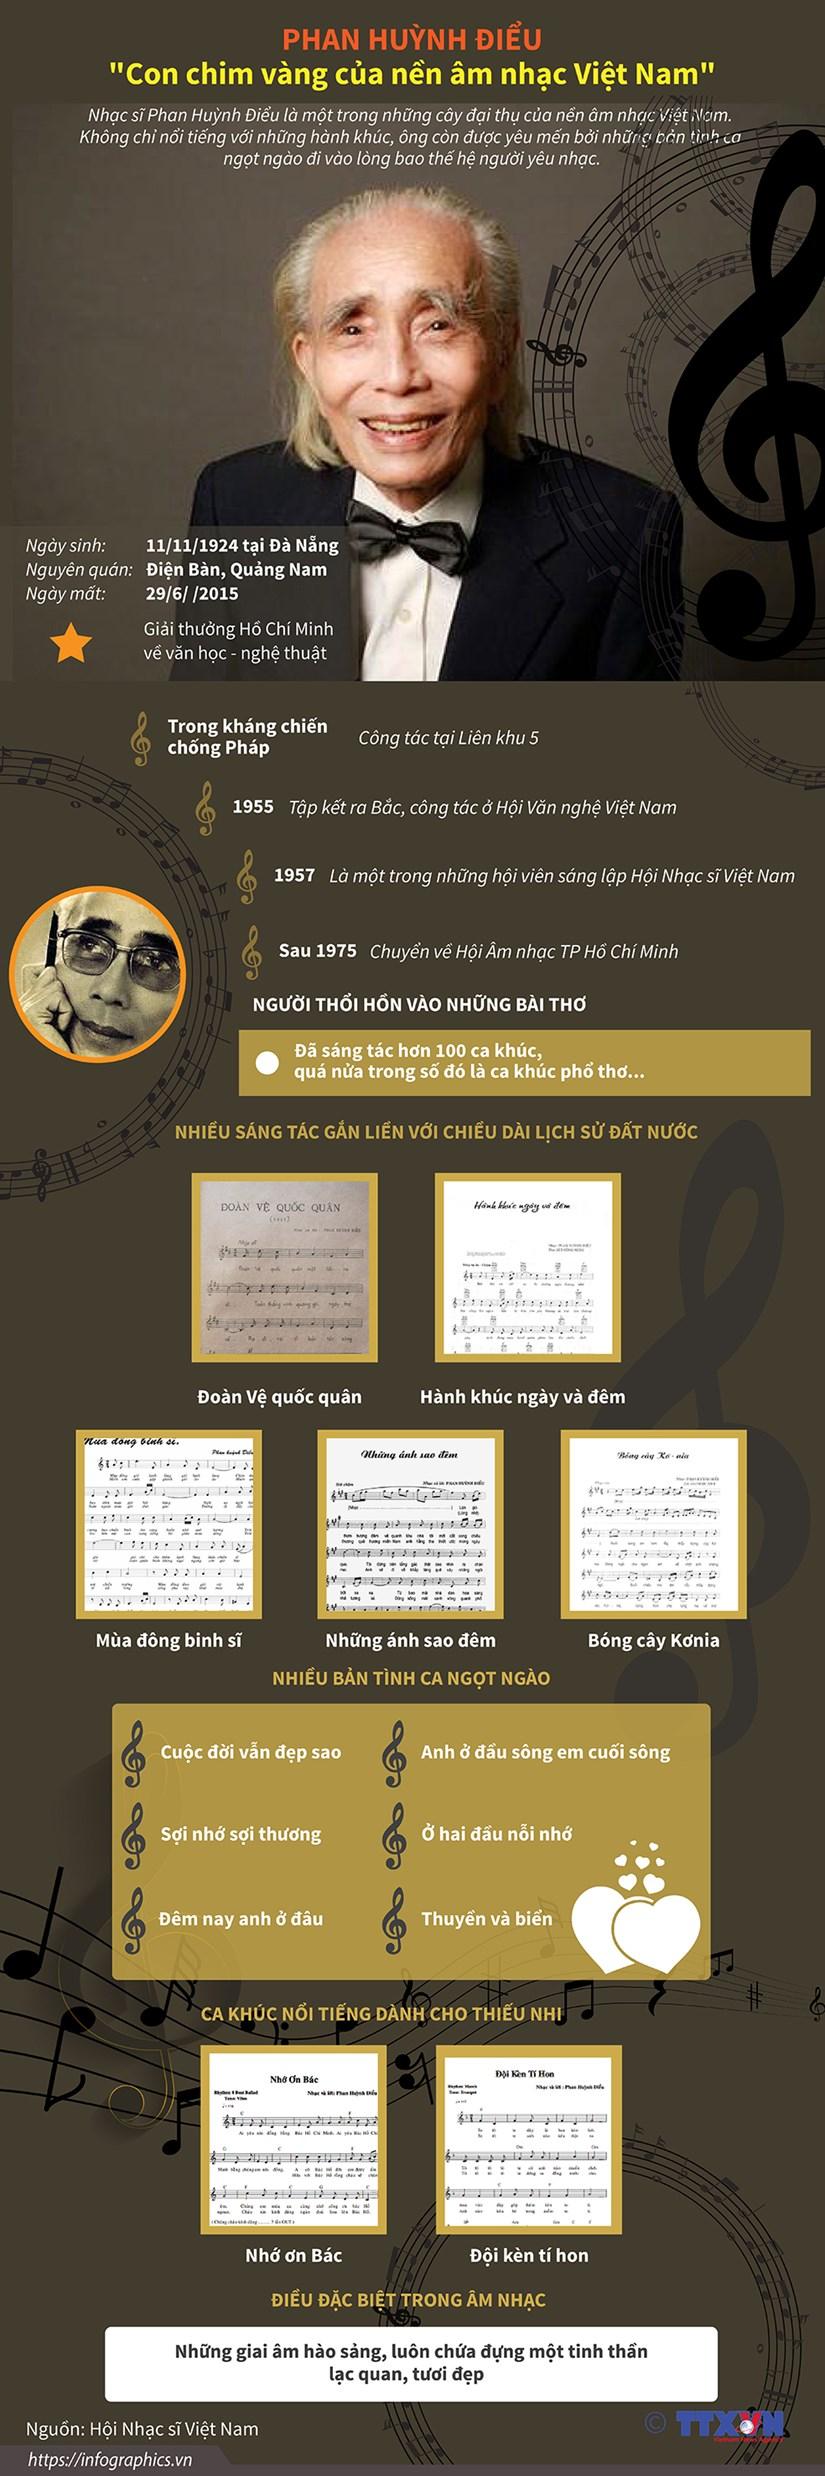 [Infographics] Phan Huynh Dieu - 'Con chim vang' cua am nhac Viet Nam hinh anh 1